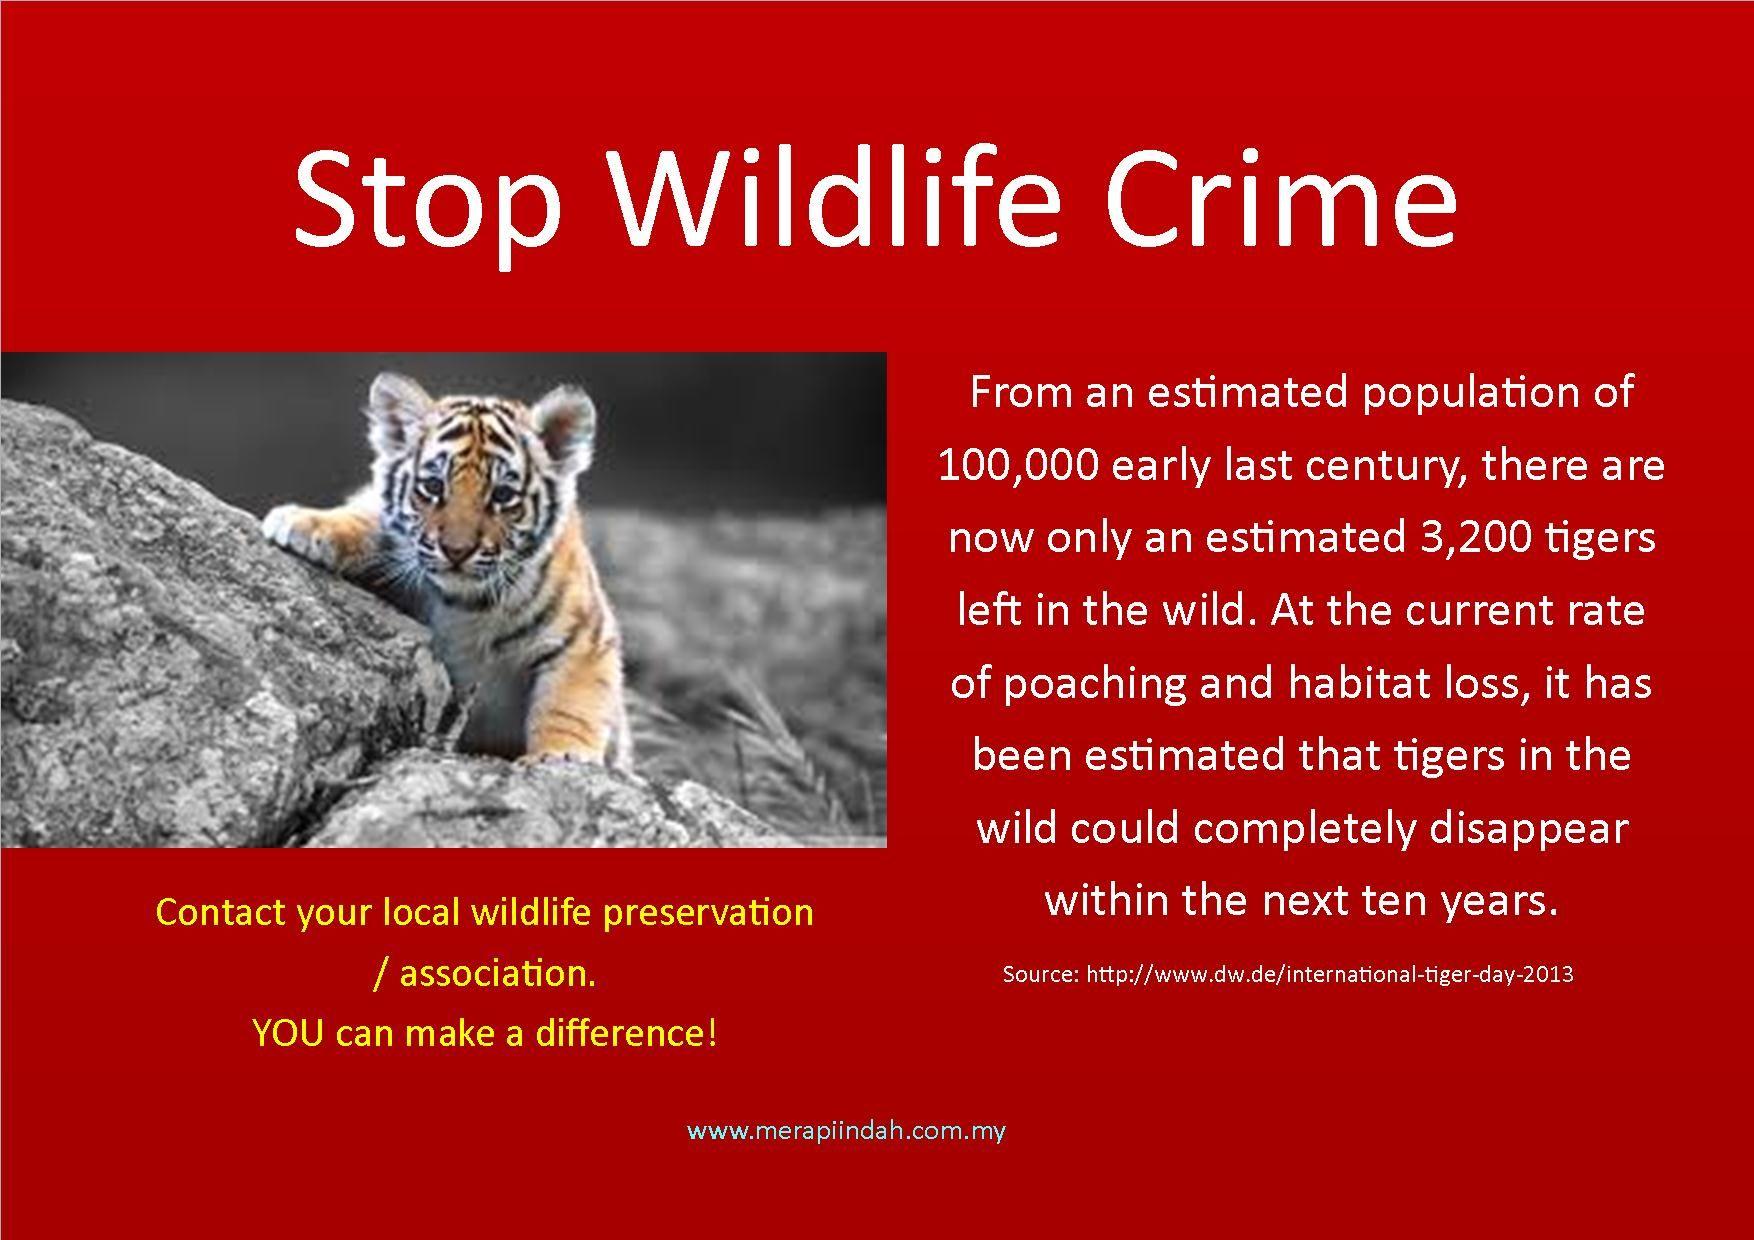 Stop Wildlife Crime